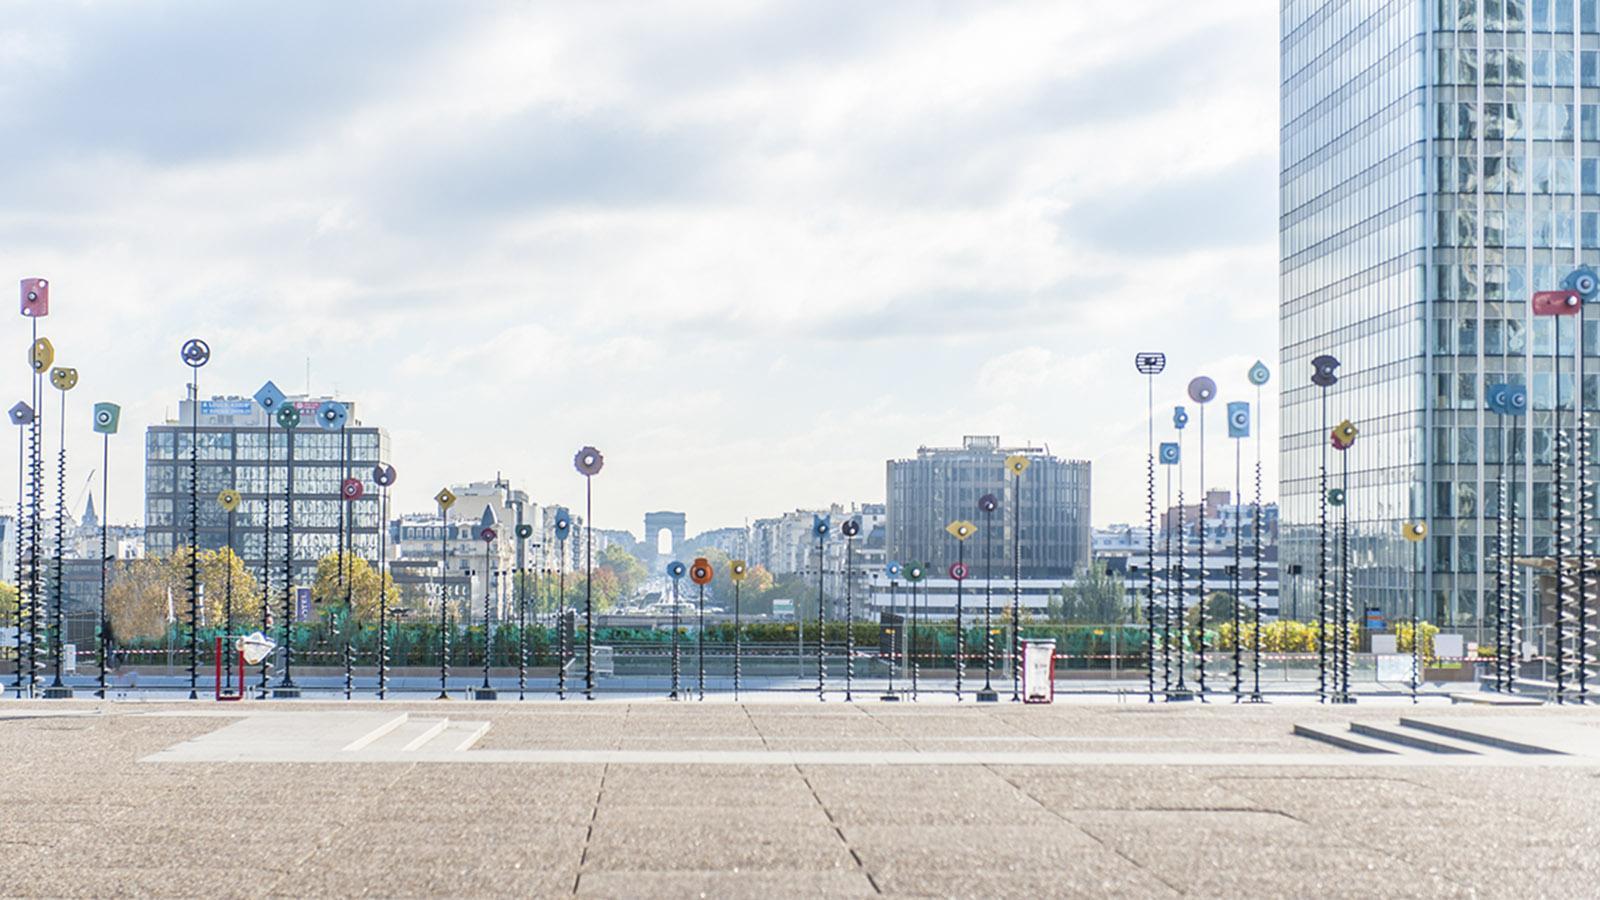 Das Bassin Akis: Das bewegliche Kunstobjekt begrenzt die Promenade von La Défense Richtung Triumphbogen. Foto: Hilke Maunder